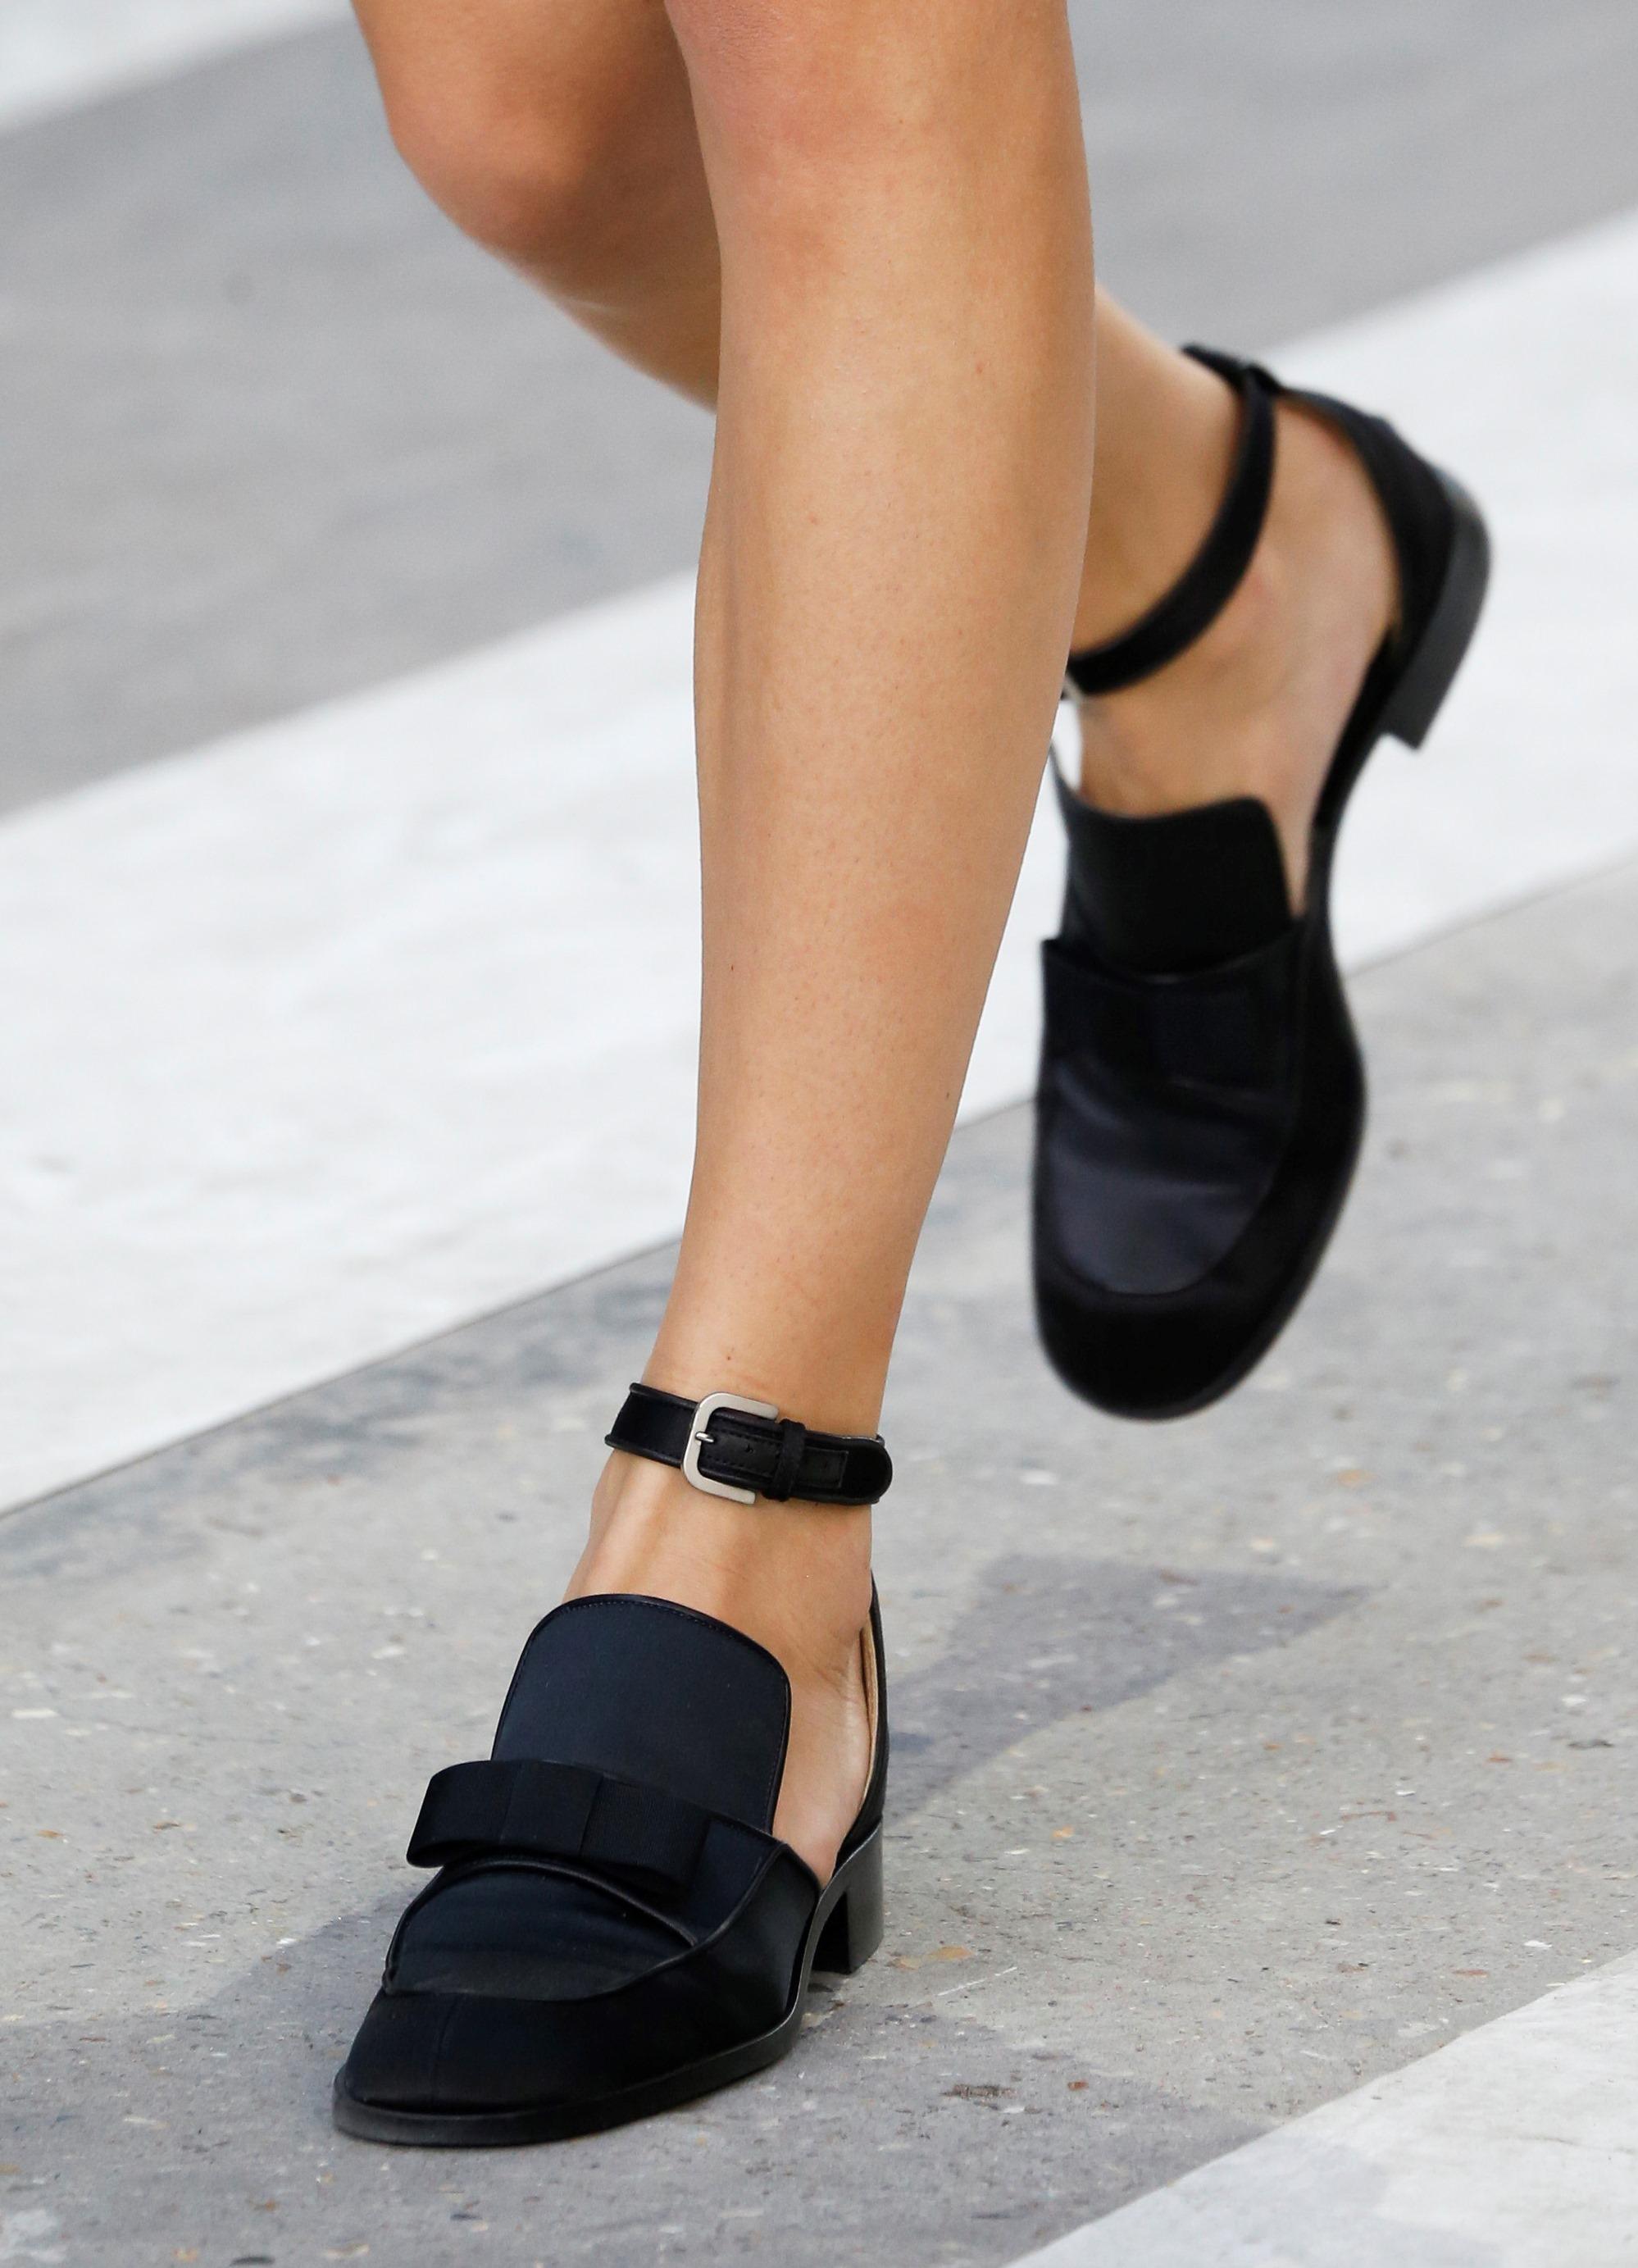 Женская обувь без каблука лето и